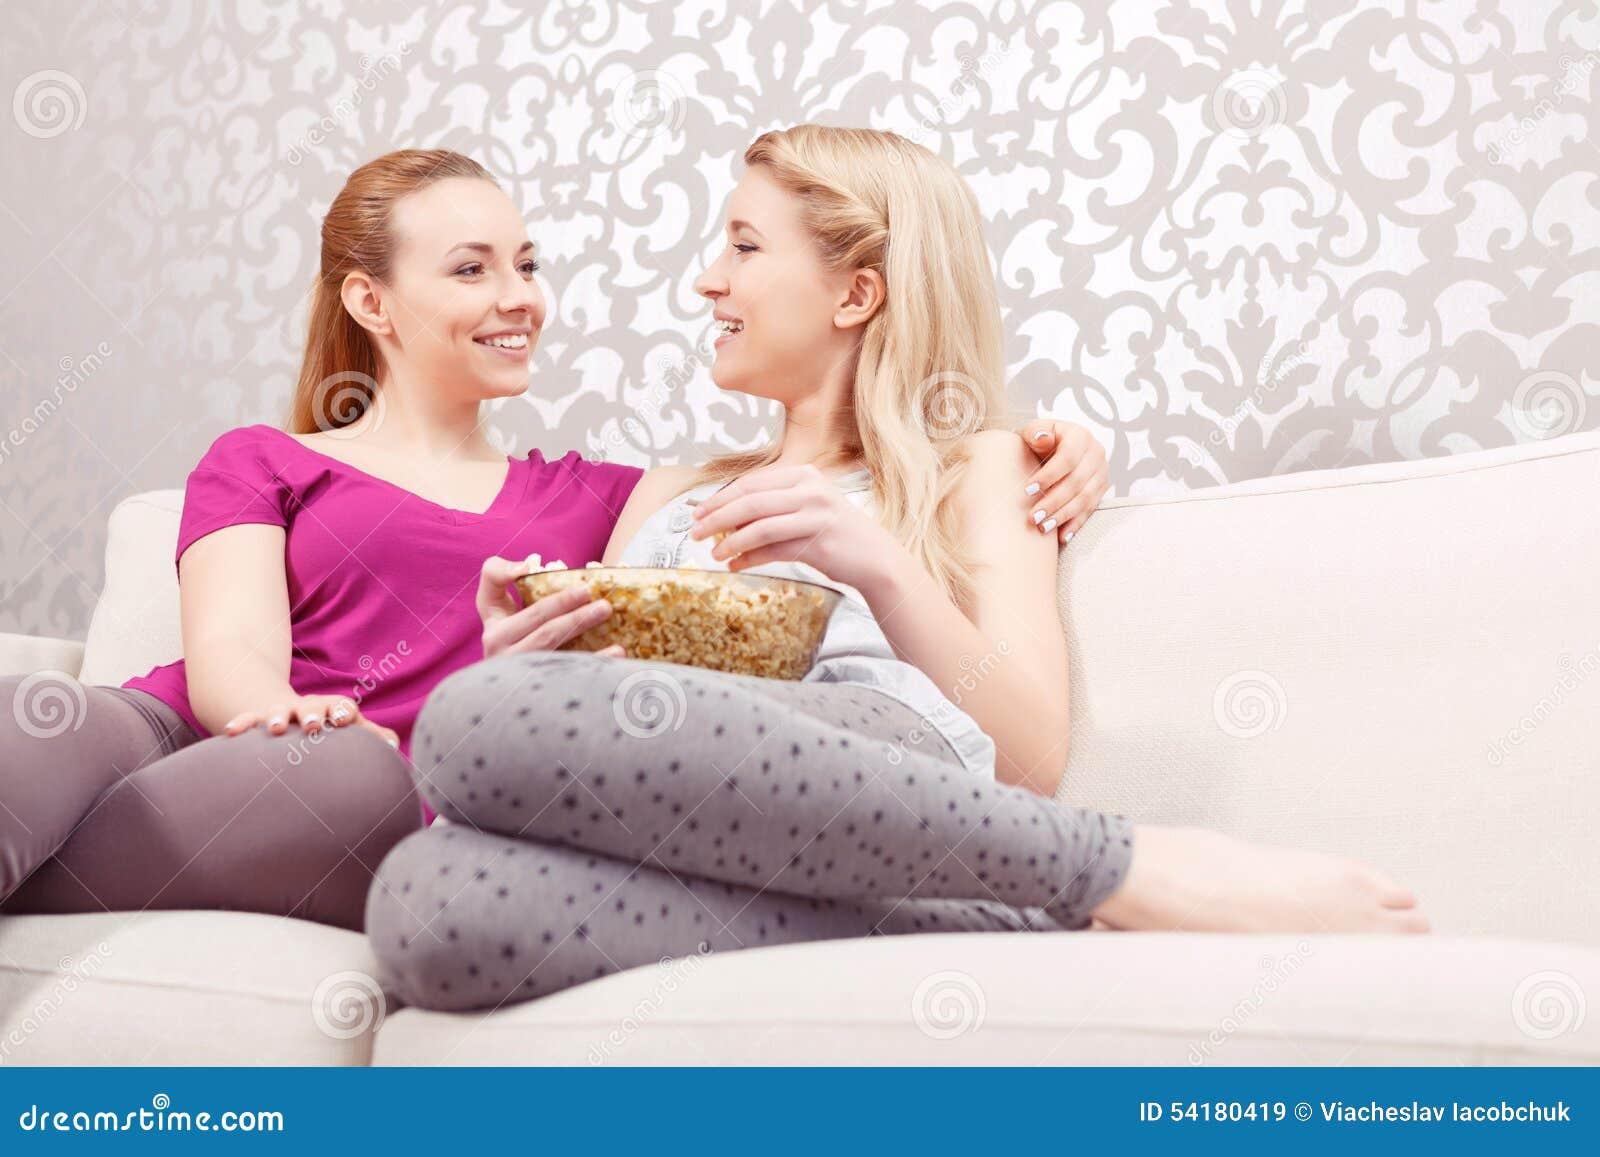 bf hot sexe photos